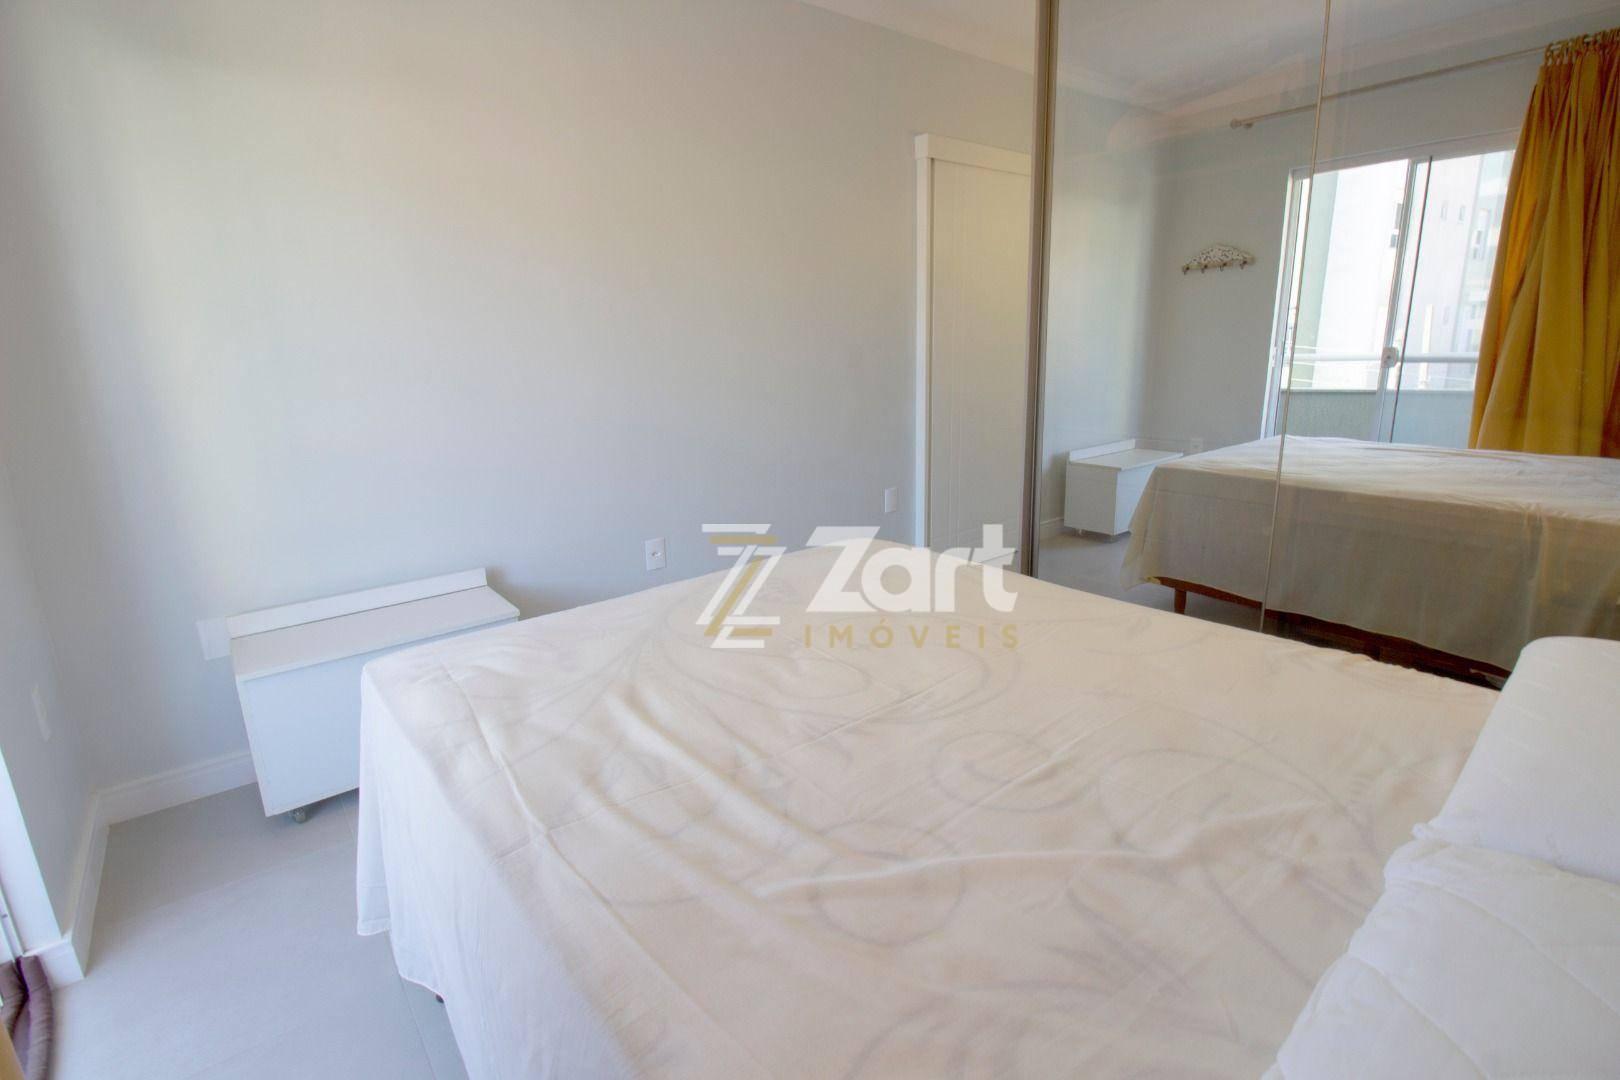 Apartamento com 2 Dormitórios à venda, 89 m² por R$ 720.000,00